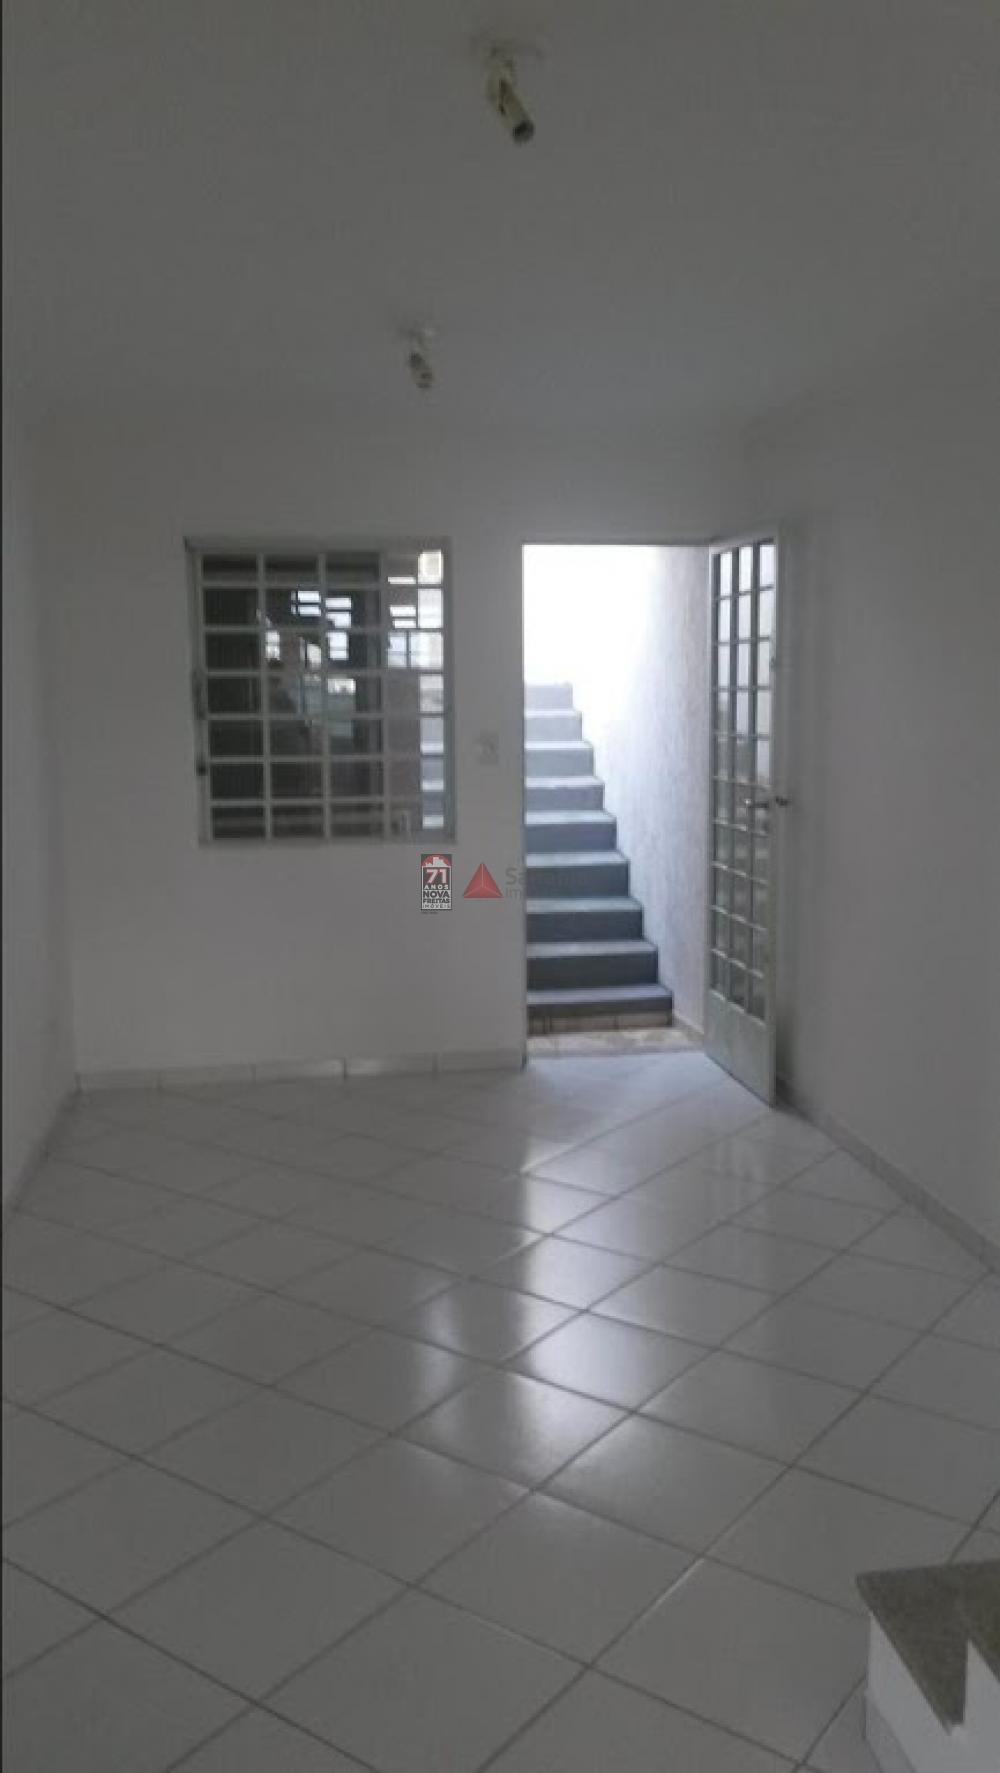 Alugar Comercial / Prédio em São José dos Campos R$ 7.000,00 - Foto 4